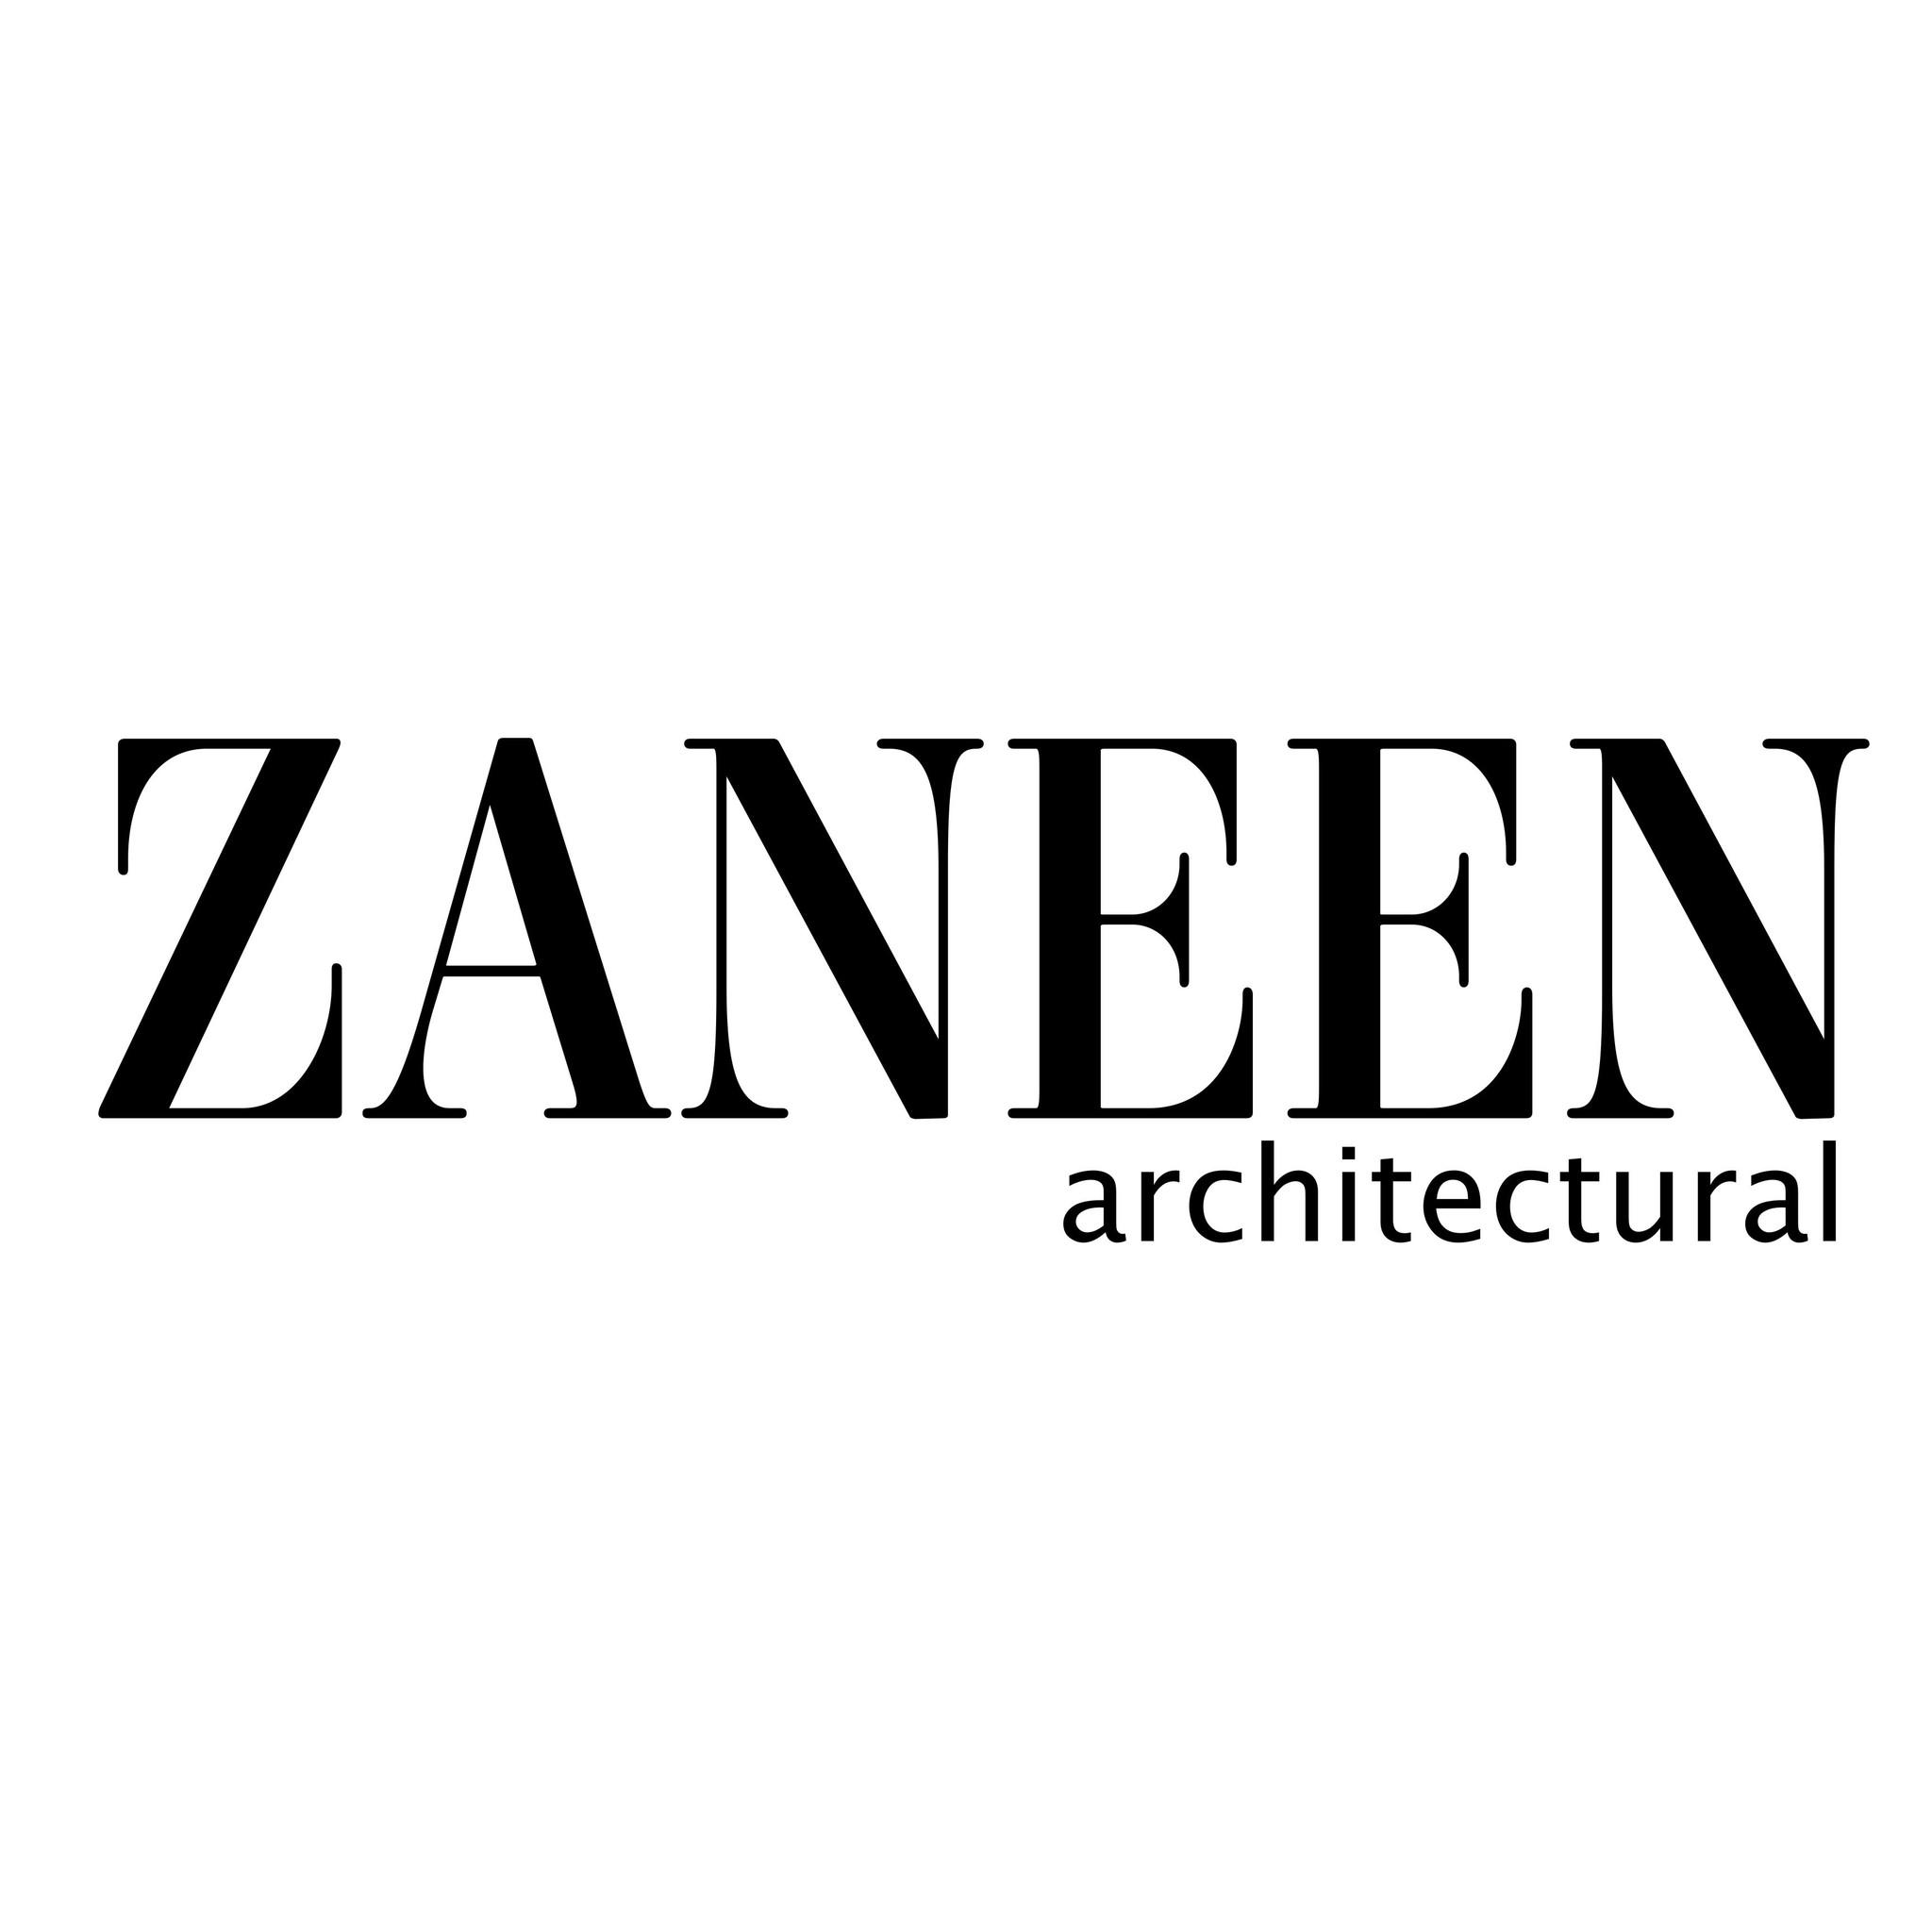 Zaneen Architectural